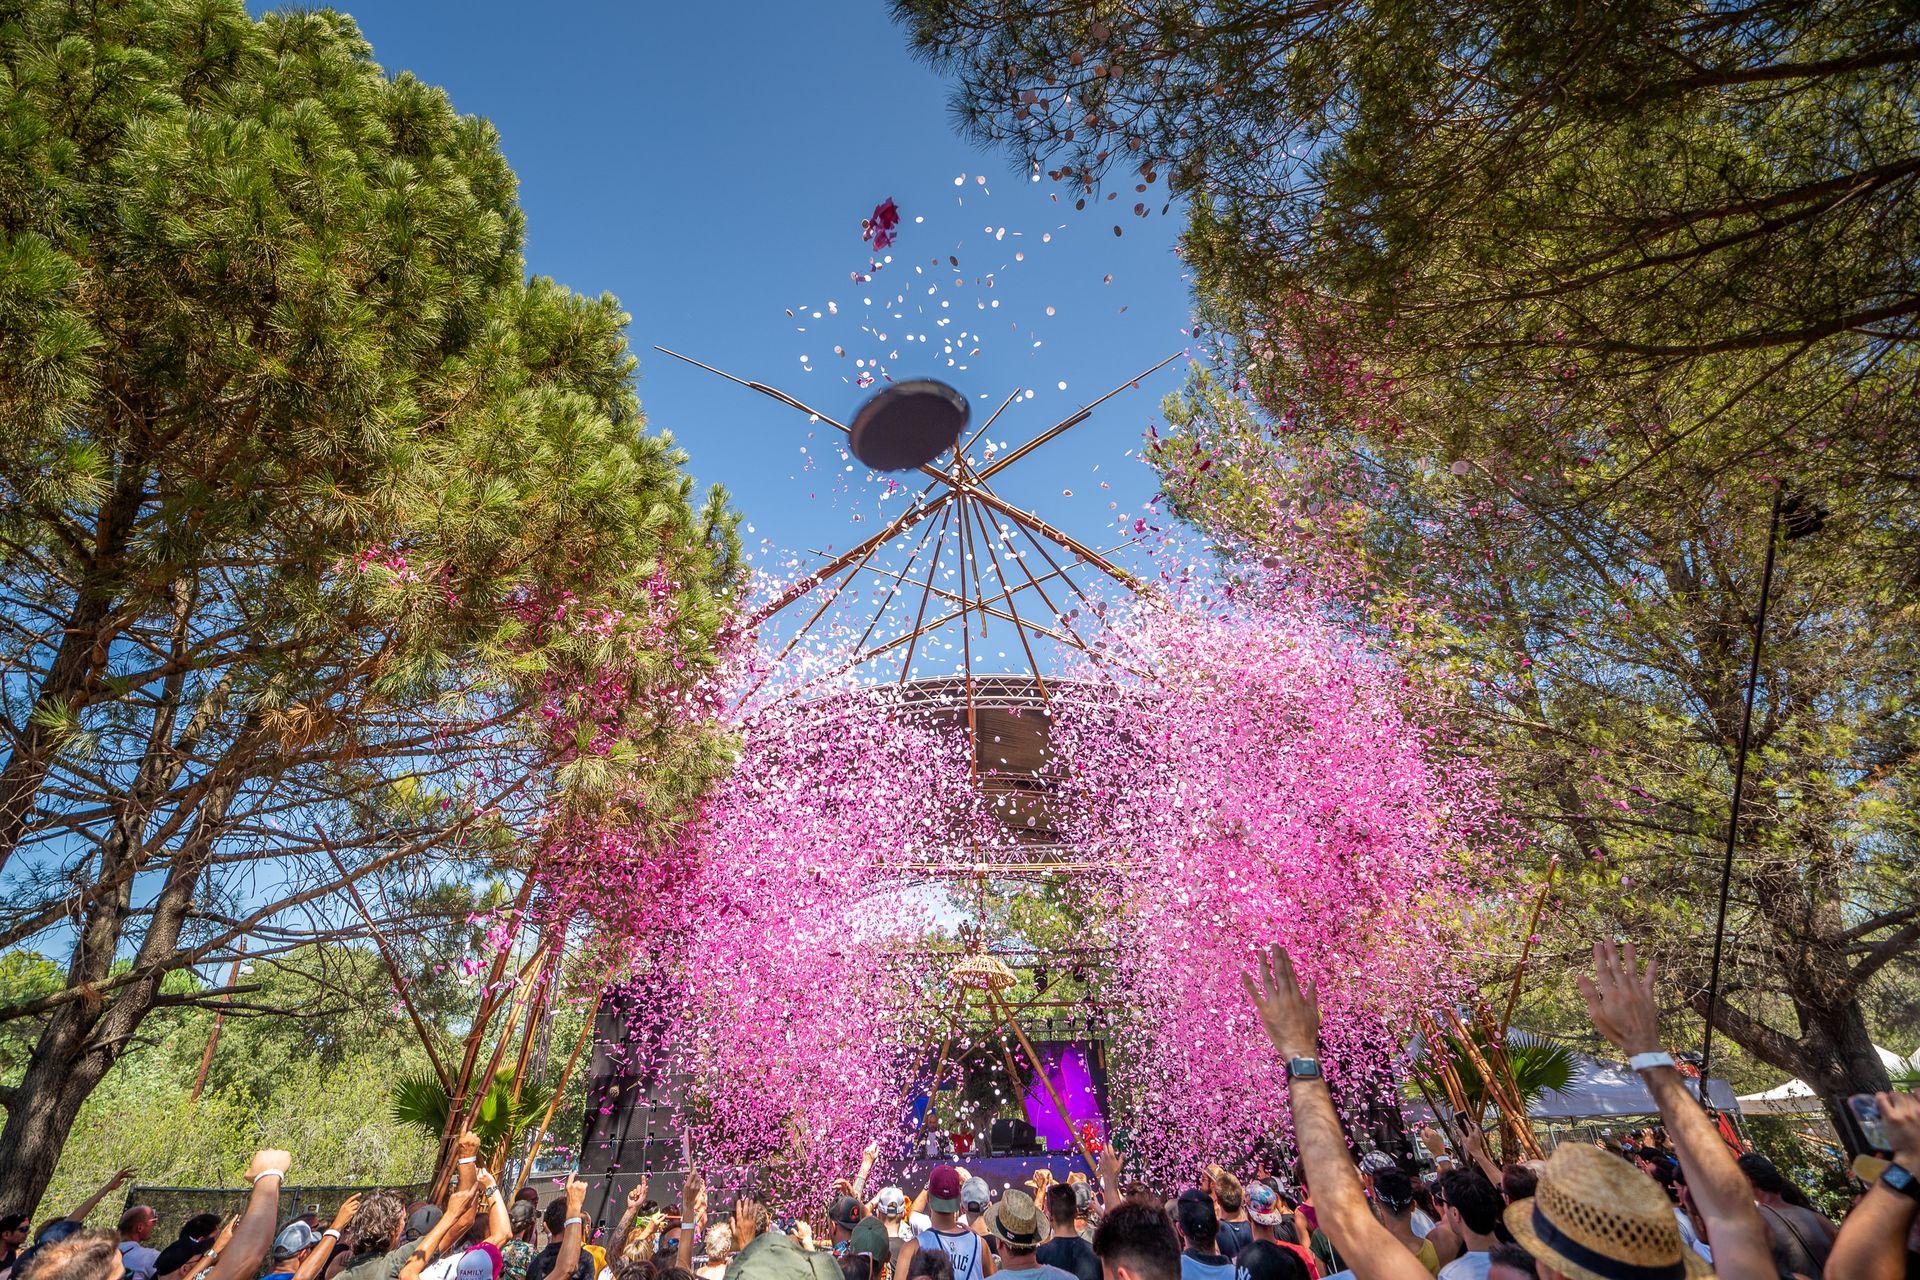 Jet de confettis roses au milieu des pins et des festivaliers du Festival Family Piknik au Domaine de Grandmont à Montpellier